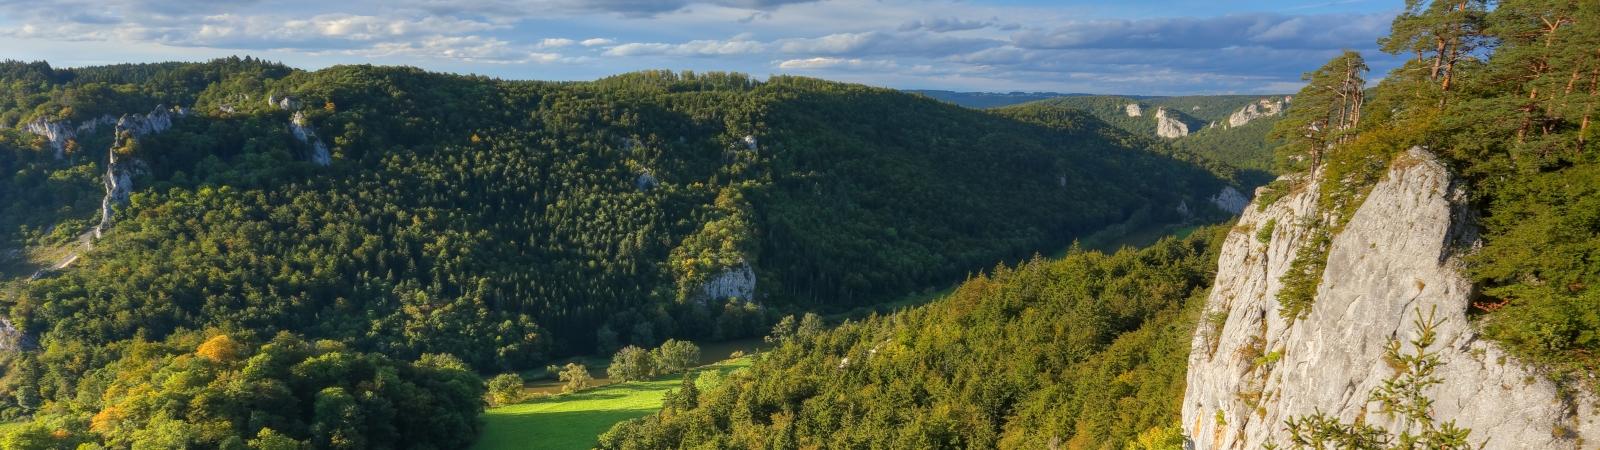 Heimat Natur im Naturpark Obere Donau